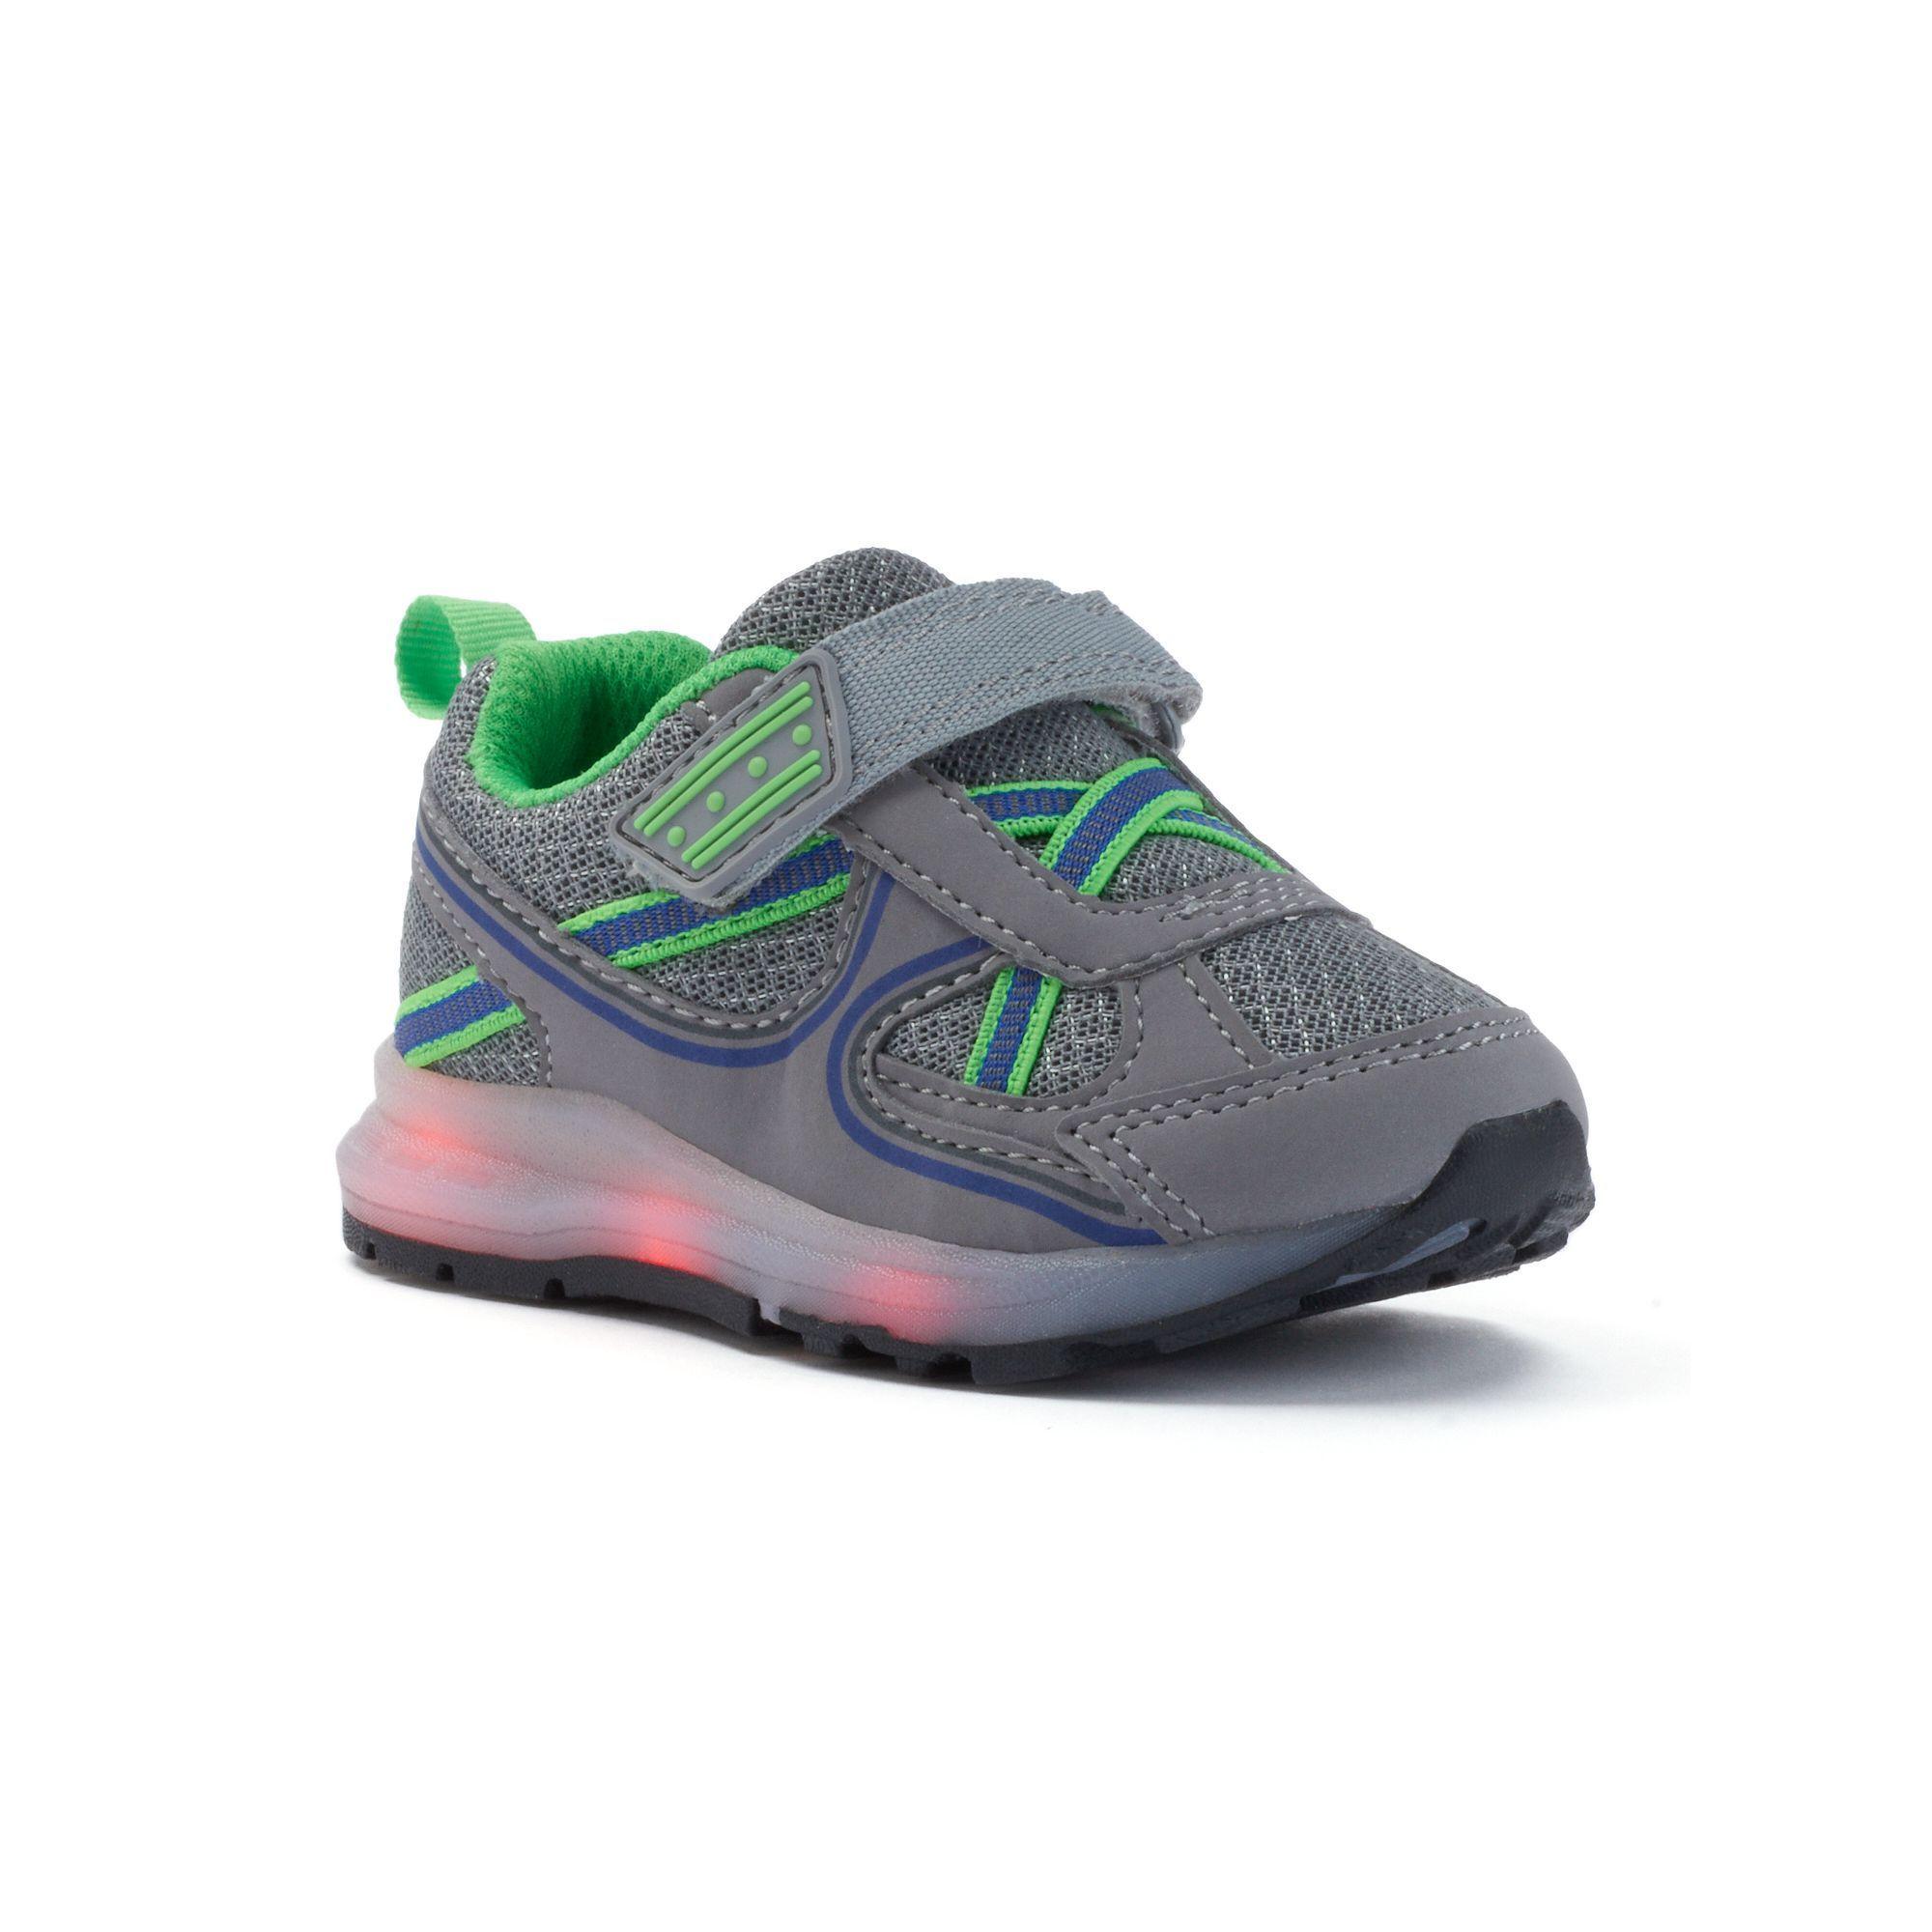 Carter s Excel Toddler Boys Light Up Shoes Size 6 T Med Grey